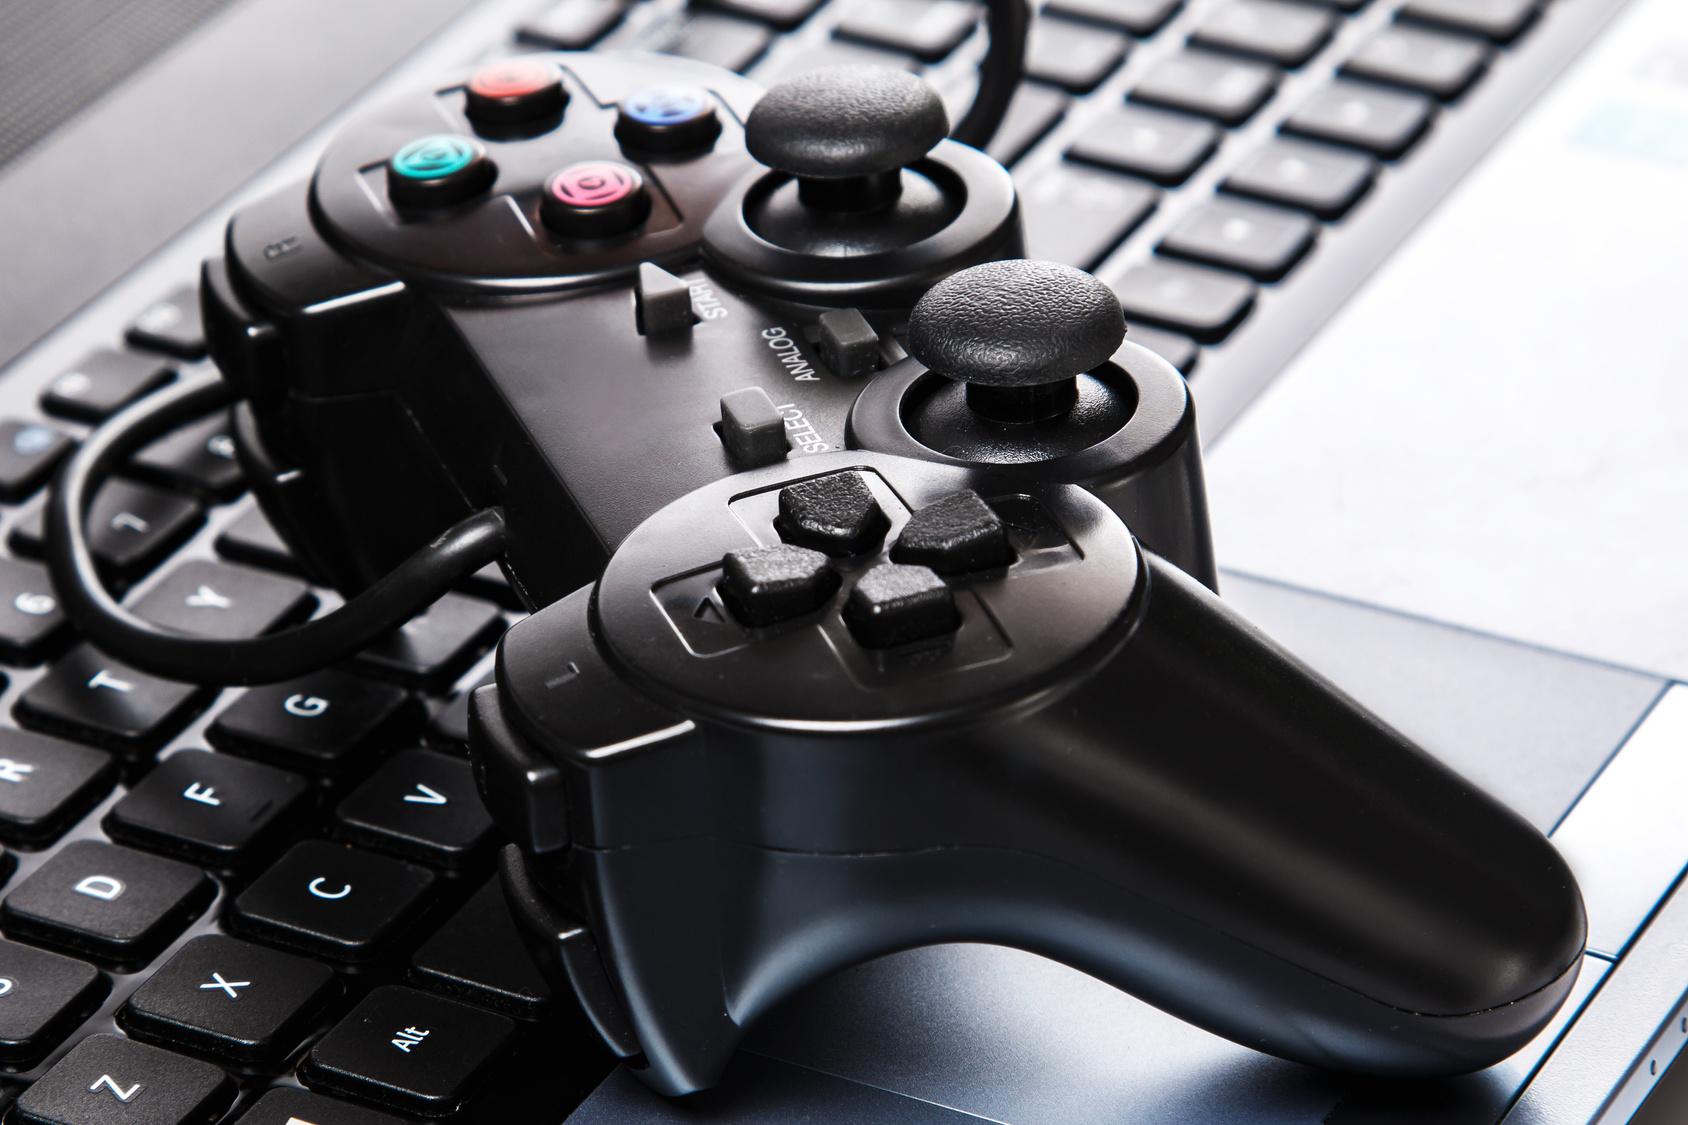 Giełda kooperacyjna podczas targów Gamescom 2019